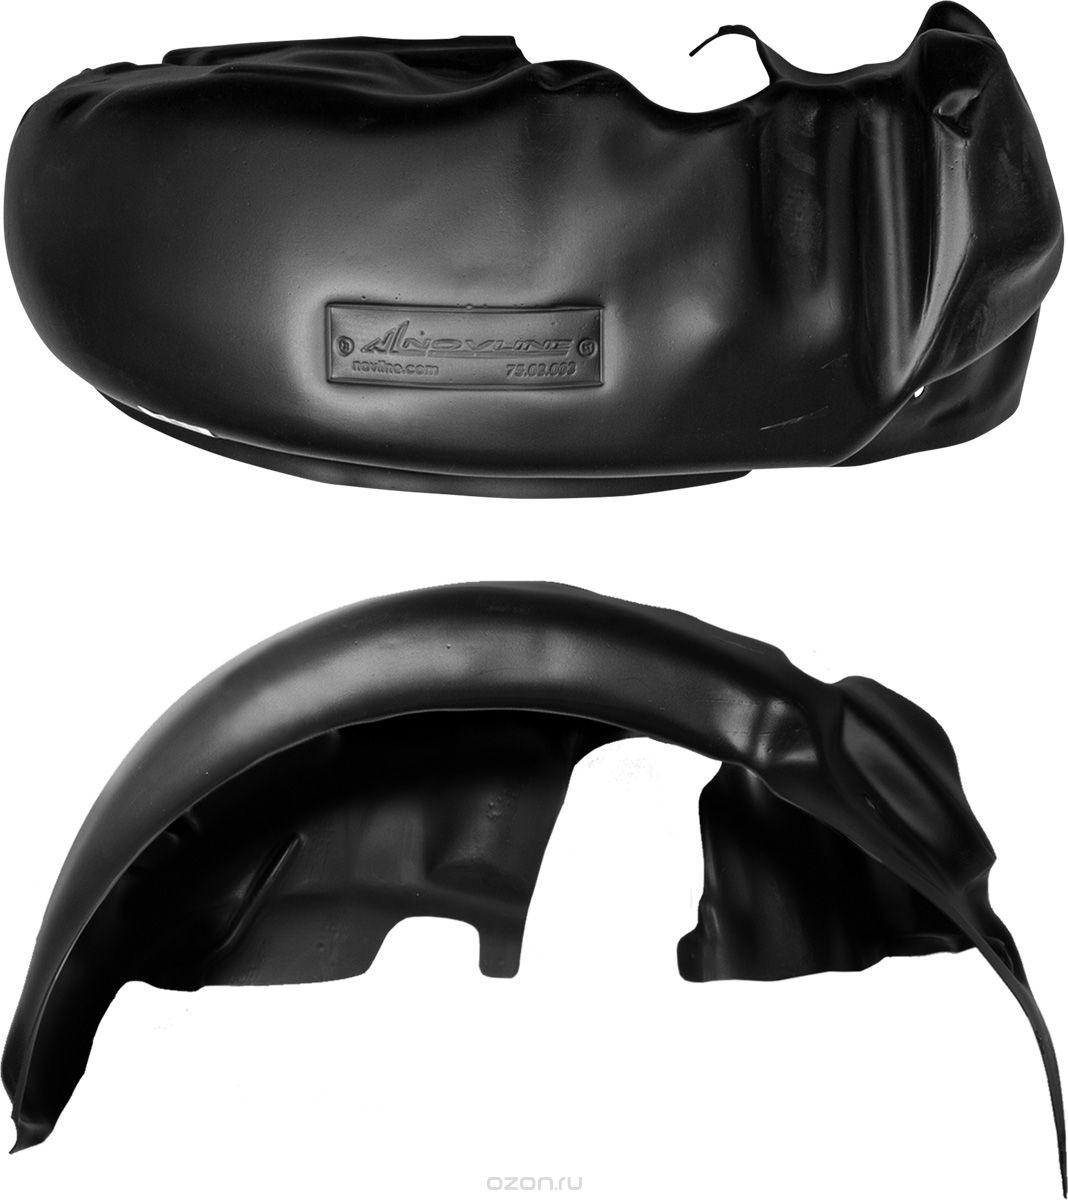 Подкрылок Novline-Autofamily, для ВАЗ 11183 Kalina 2004-2013, б/б, задний правый004604Идеальная защита колесной ниши. Локеры разработаны с применением цифровых технологий, гарантируют максимальную повторяемость поверхности арки. Изделия устанавливаются без нарушения лакокрасочного покрытия автомобиля, каждый подкрылок комплектуется крепежом. Уважаемые клиенты, обращаем ваше внимание, что фотографии на подкрылки универсальные и не отражают реальную форму изделия. При этом само изделие идет точно под размер указанного автомобиля.